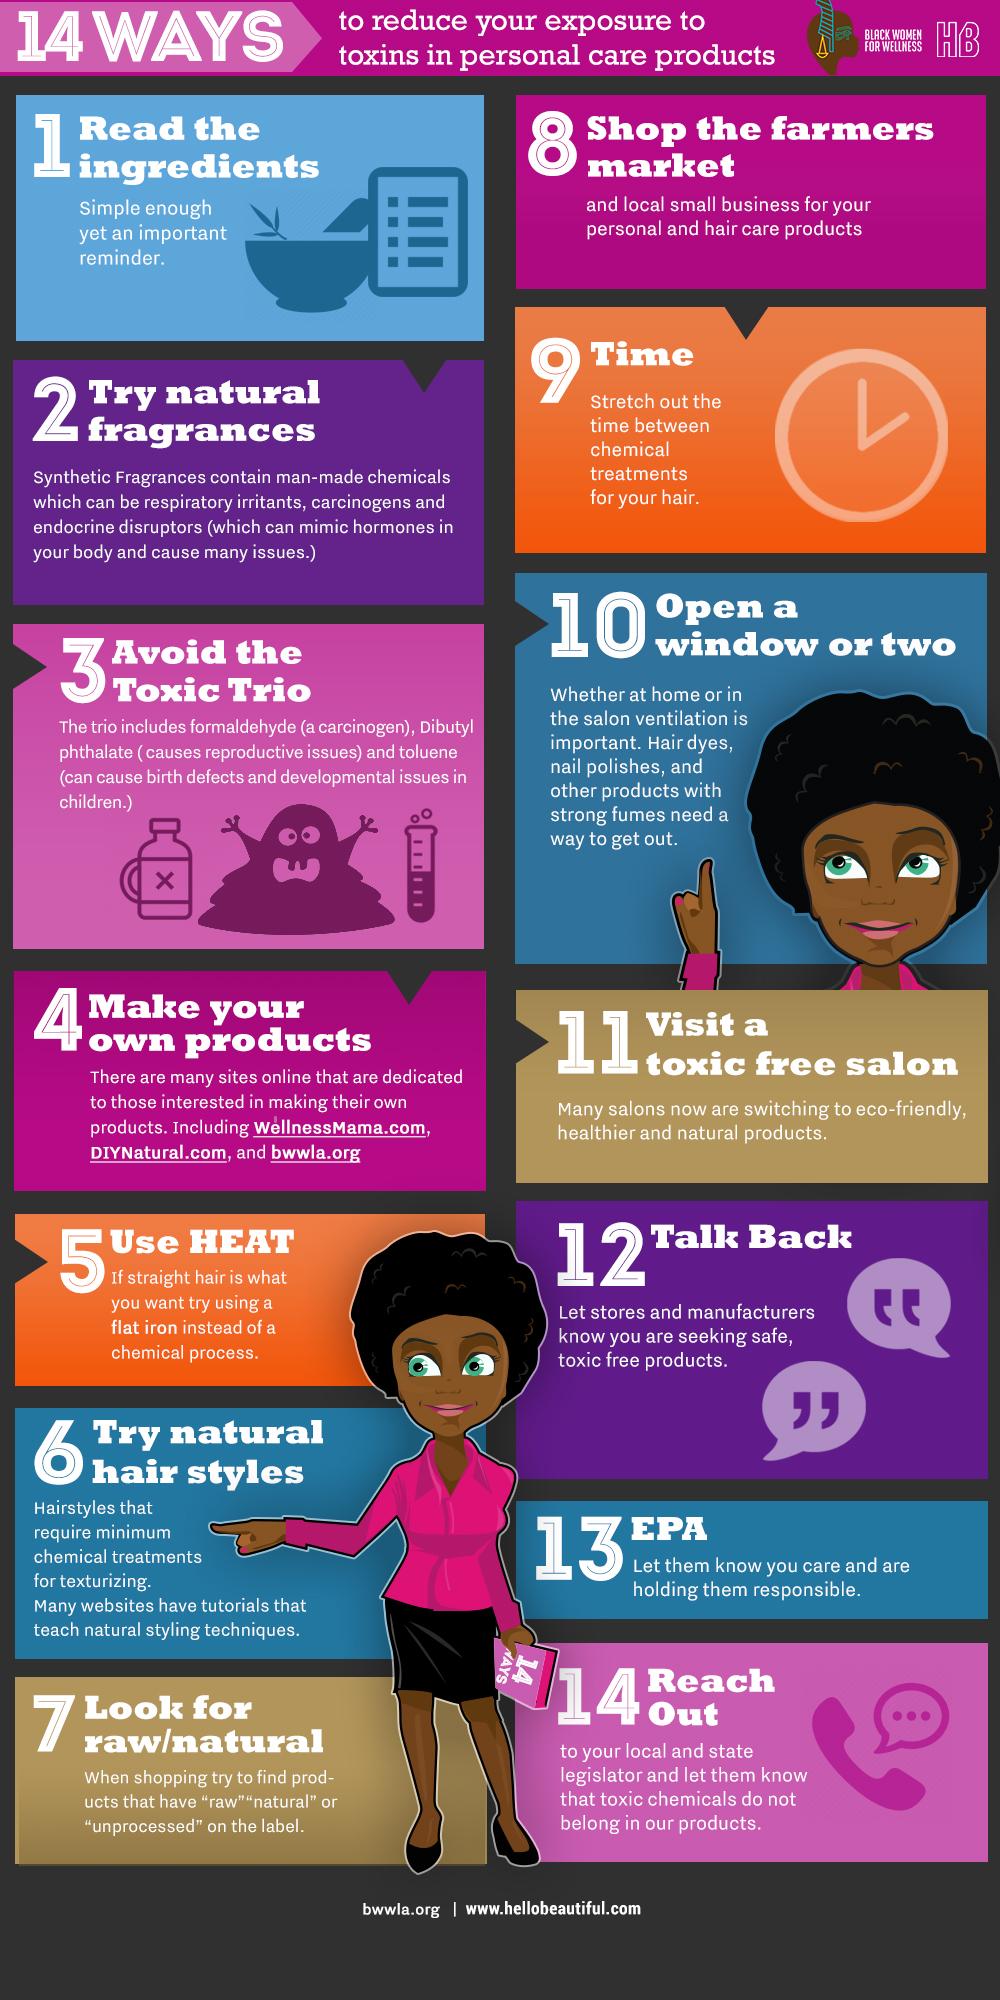 Black Women For Wellness Fact Sheet